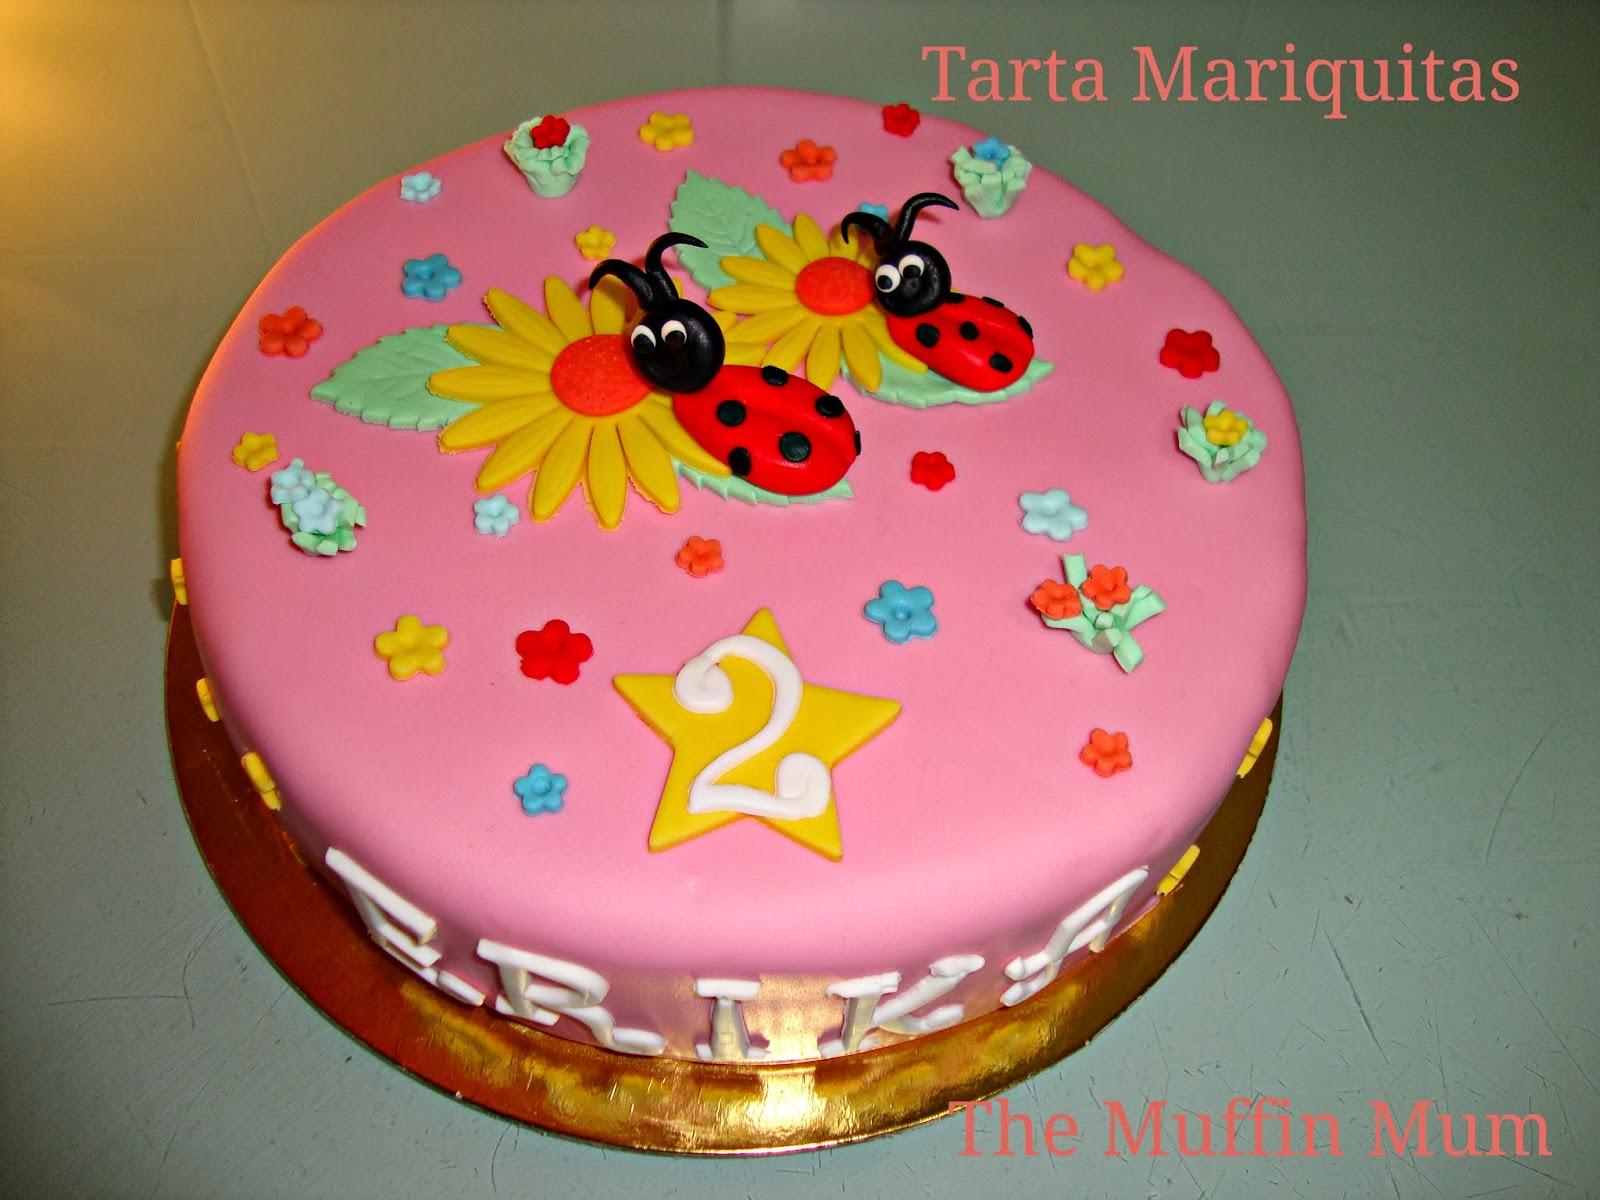 Tarta Mariquitas